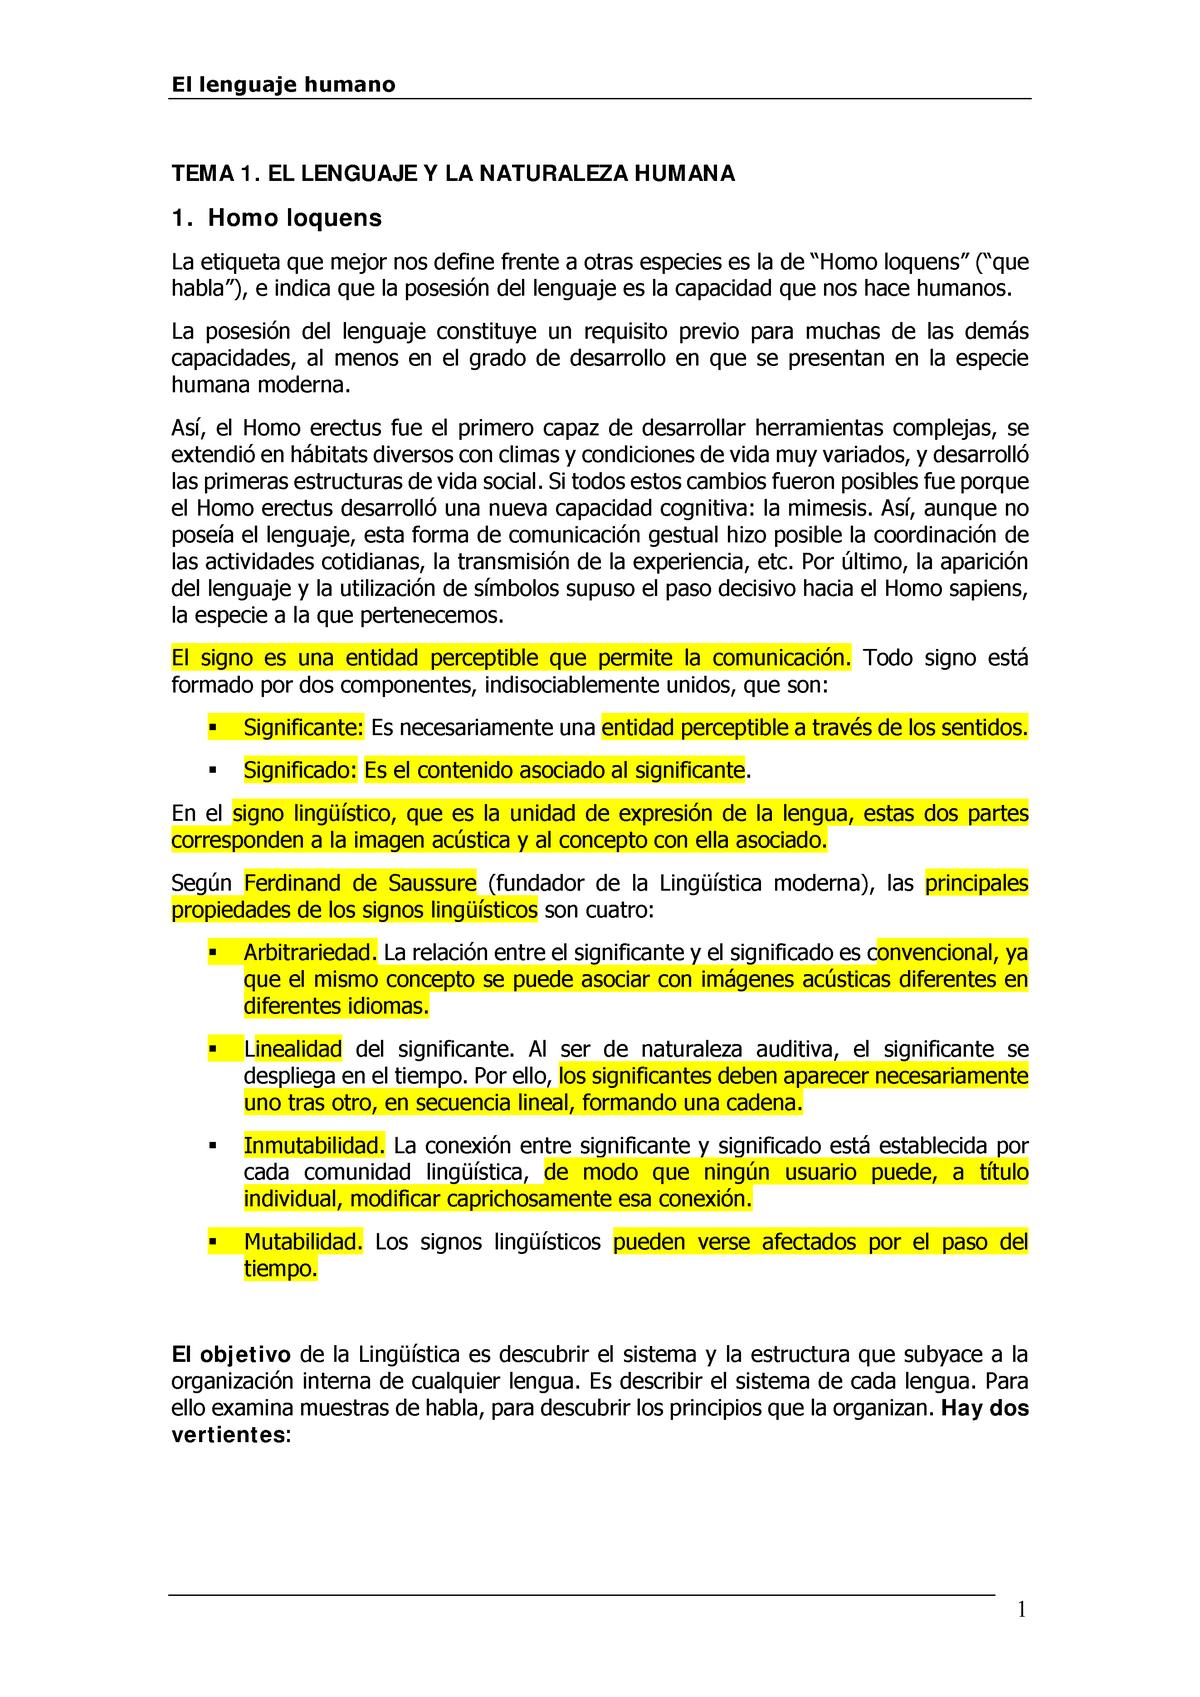 Actual Lhumano Resumen El Lenguaje Humano 64901019 Uned